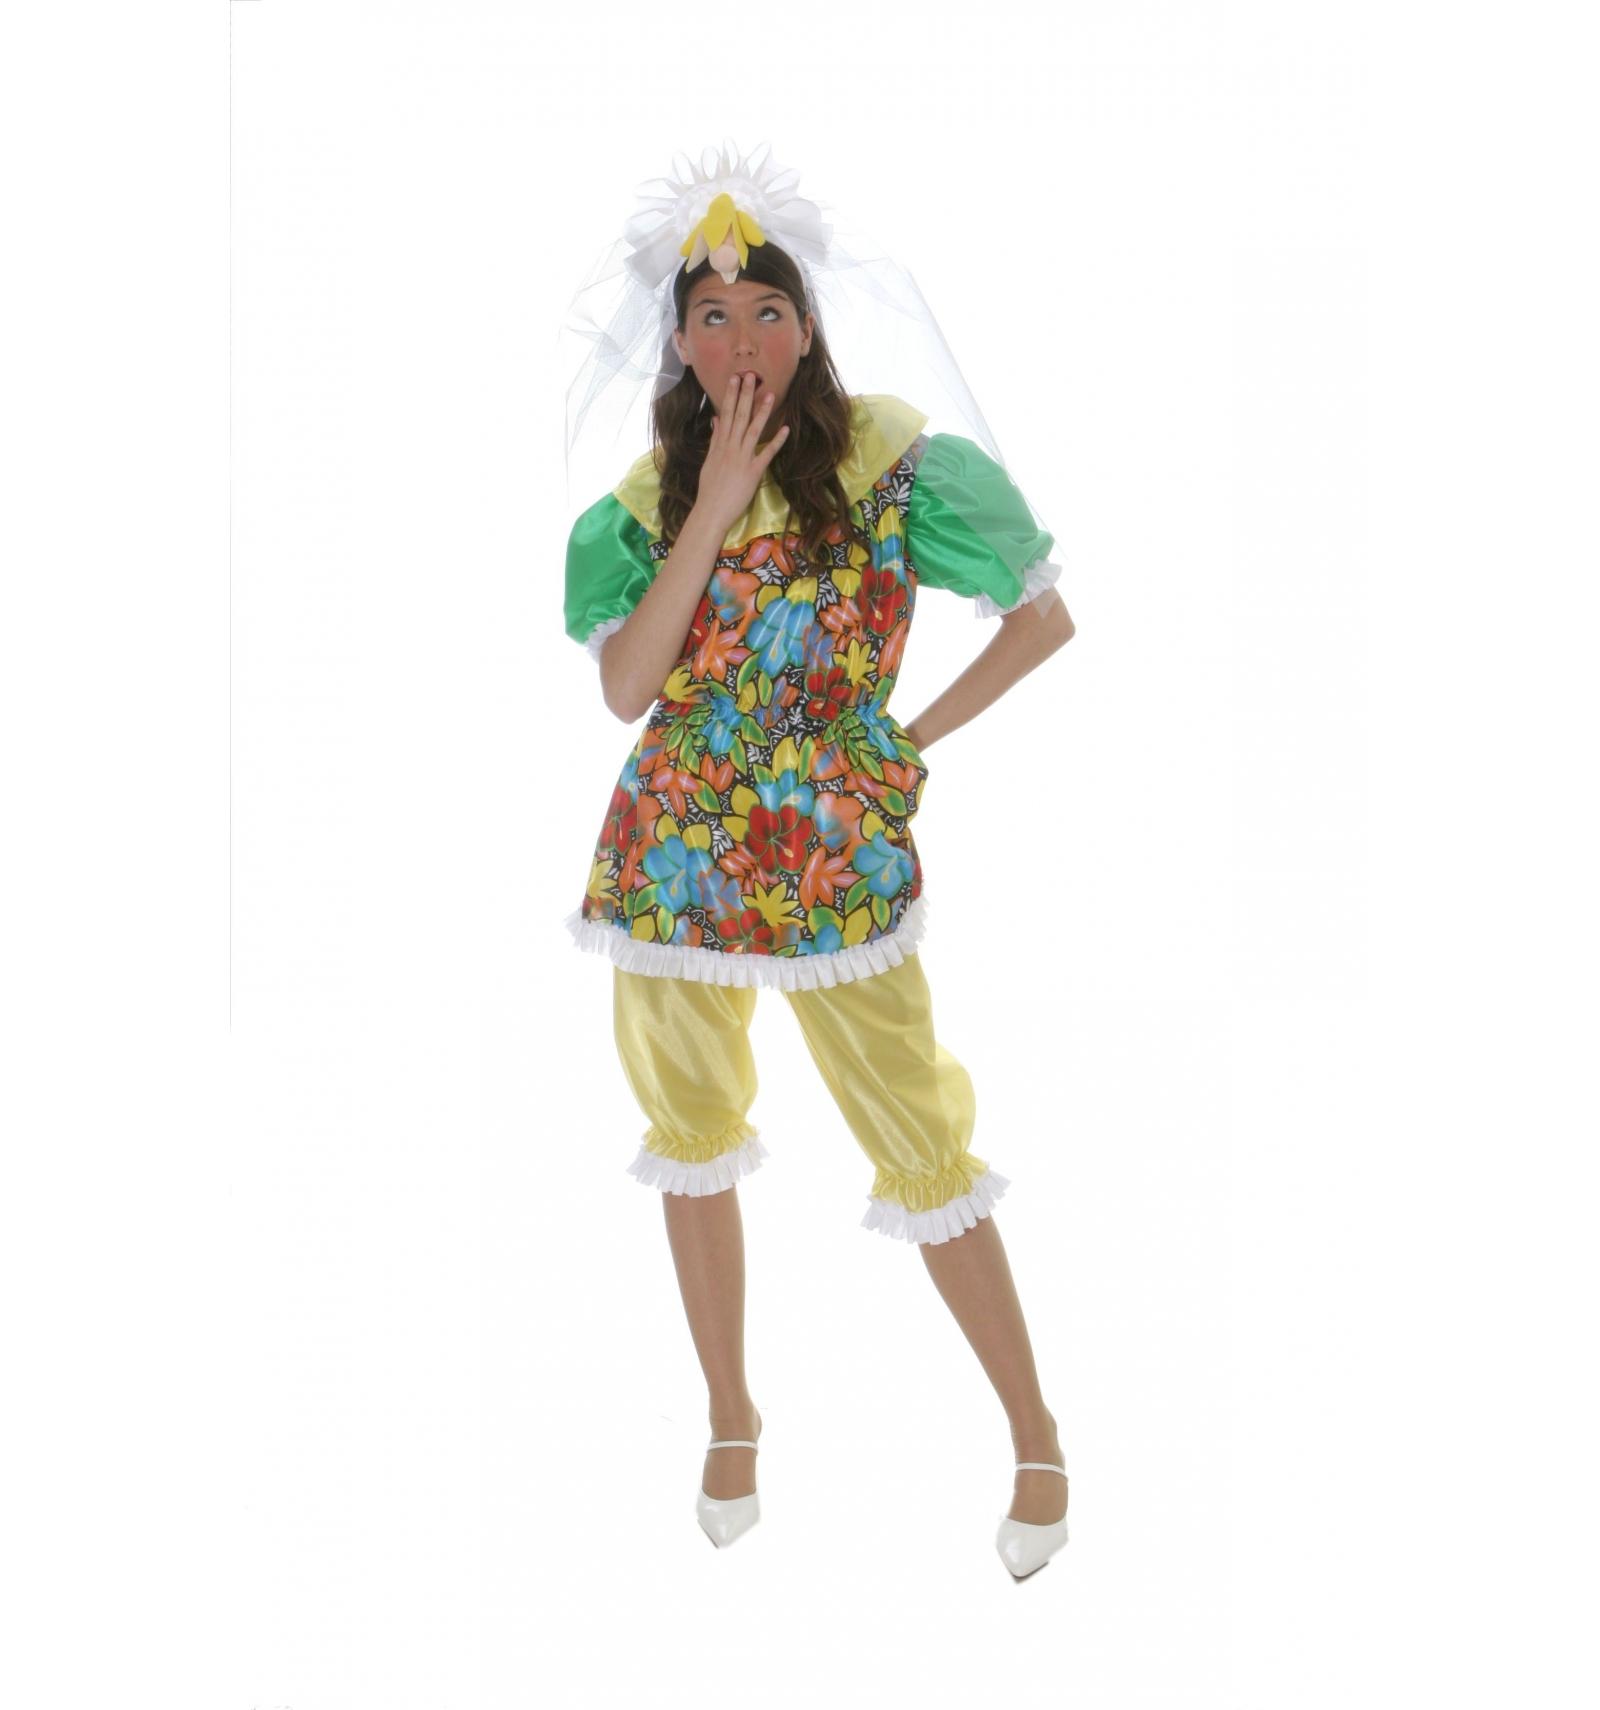 D guisement adulte votre magasin de costumes en ligne - Magazine adulte en ligne ...